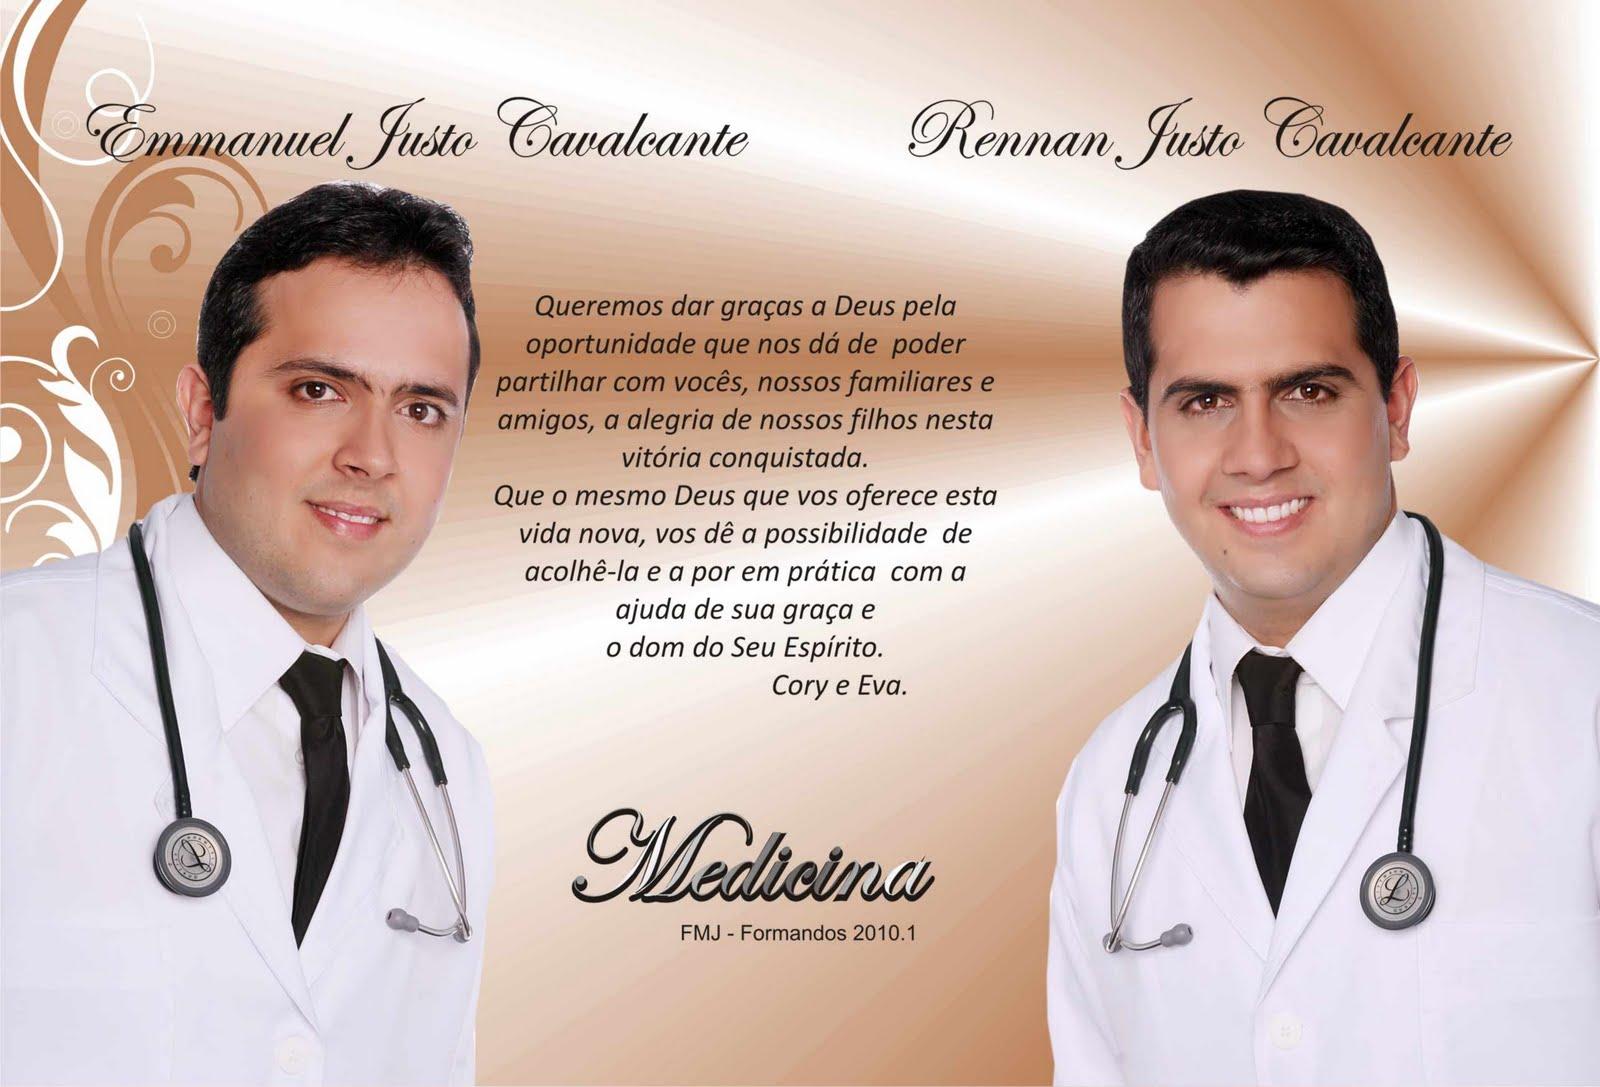 Meus Sentimentos Aos Familiares: Blog Do Crato: Mais Dois Médicos Cratenses -- Por Armando